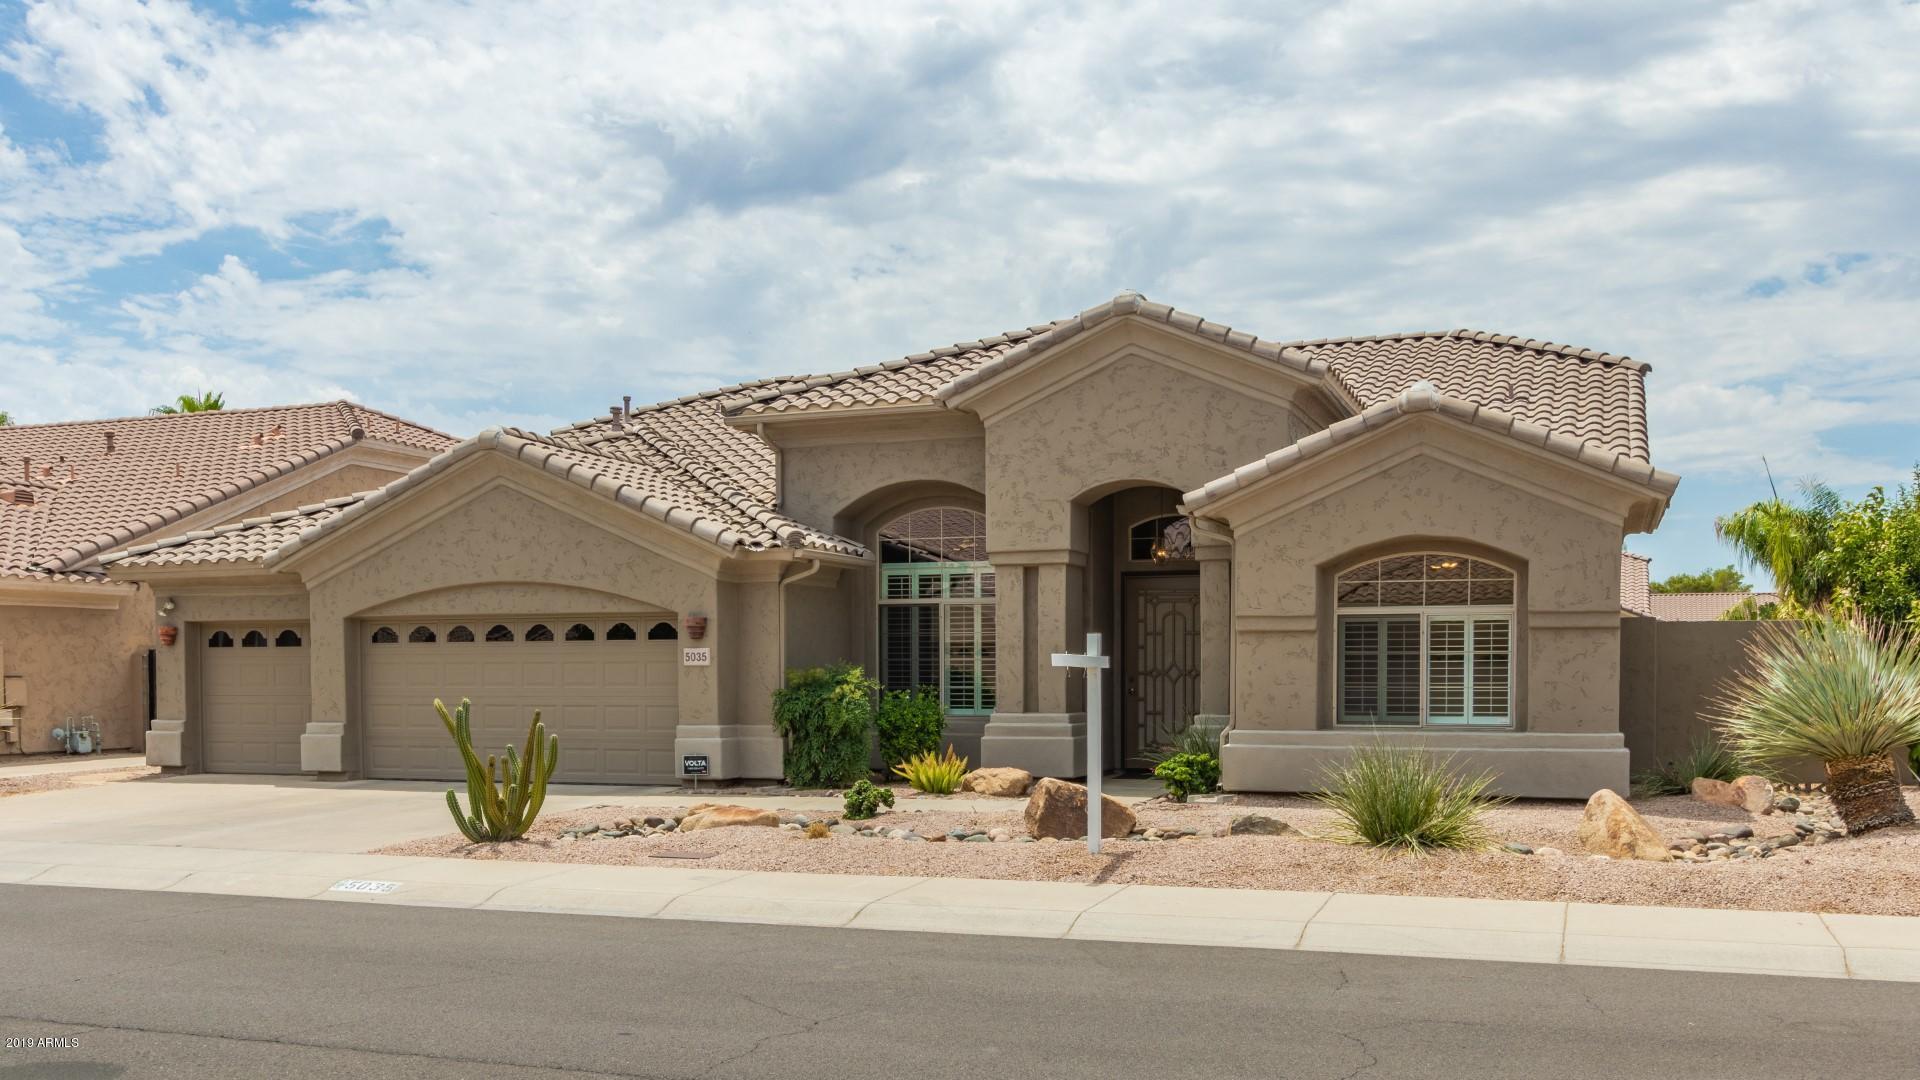 5035 E WAGONER Road, Scottsdale AZ 85254